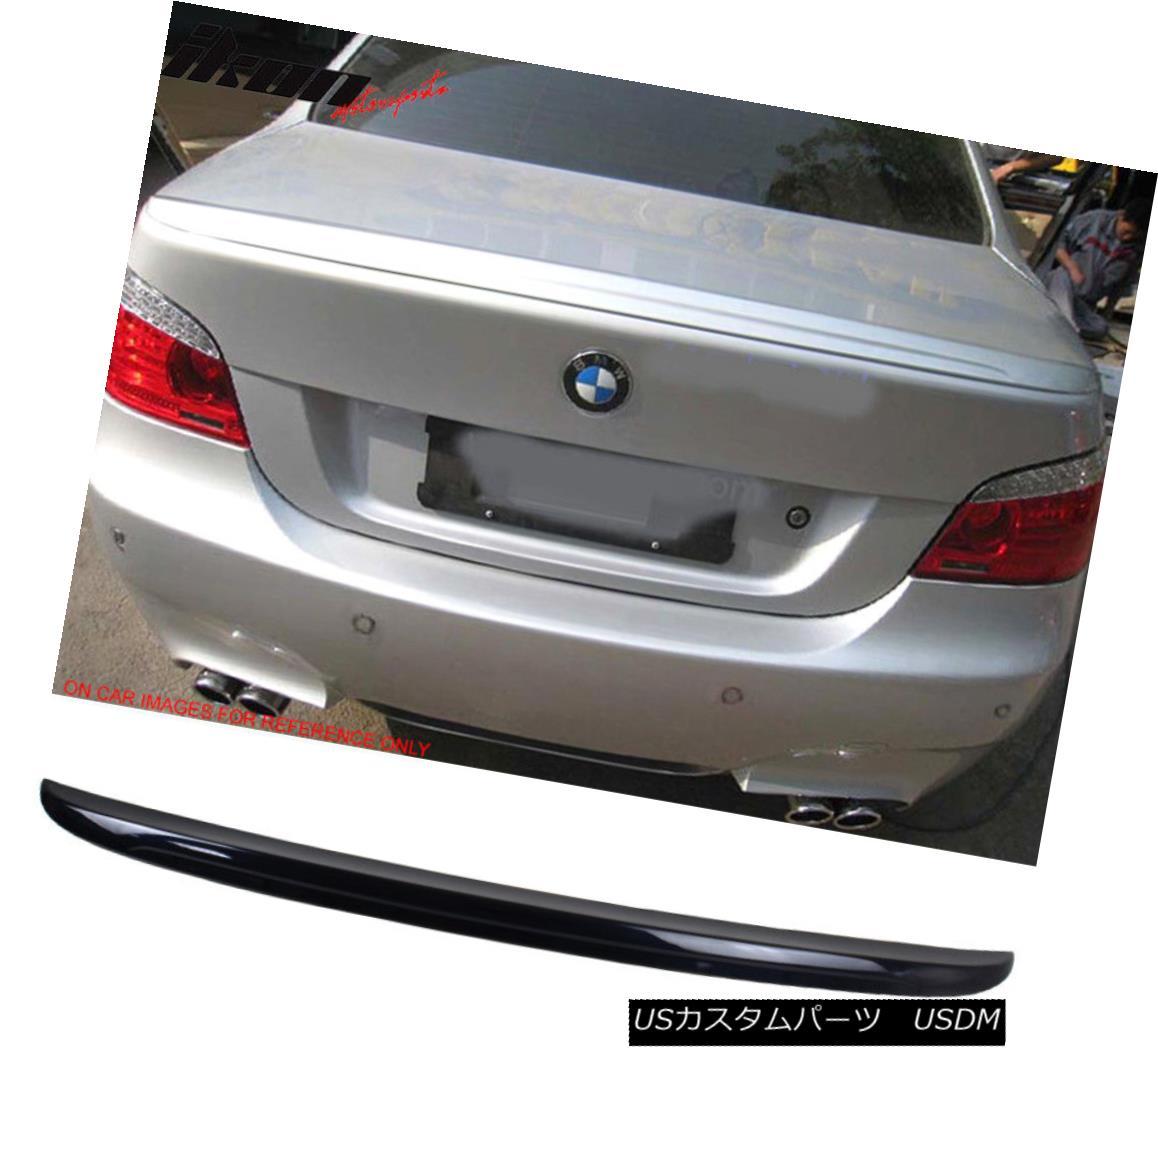 エアロパーツ 04-10 BMW E60 5-Series M5 Style Trunk Spoiler Painted #416 Carbon Black Metallic 04-10 BMW E60 5シリーズM5スタイルトランク・スポイラー・ペイント#416カーボン・ブラック・メタリック